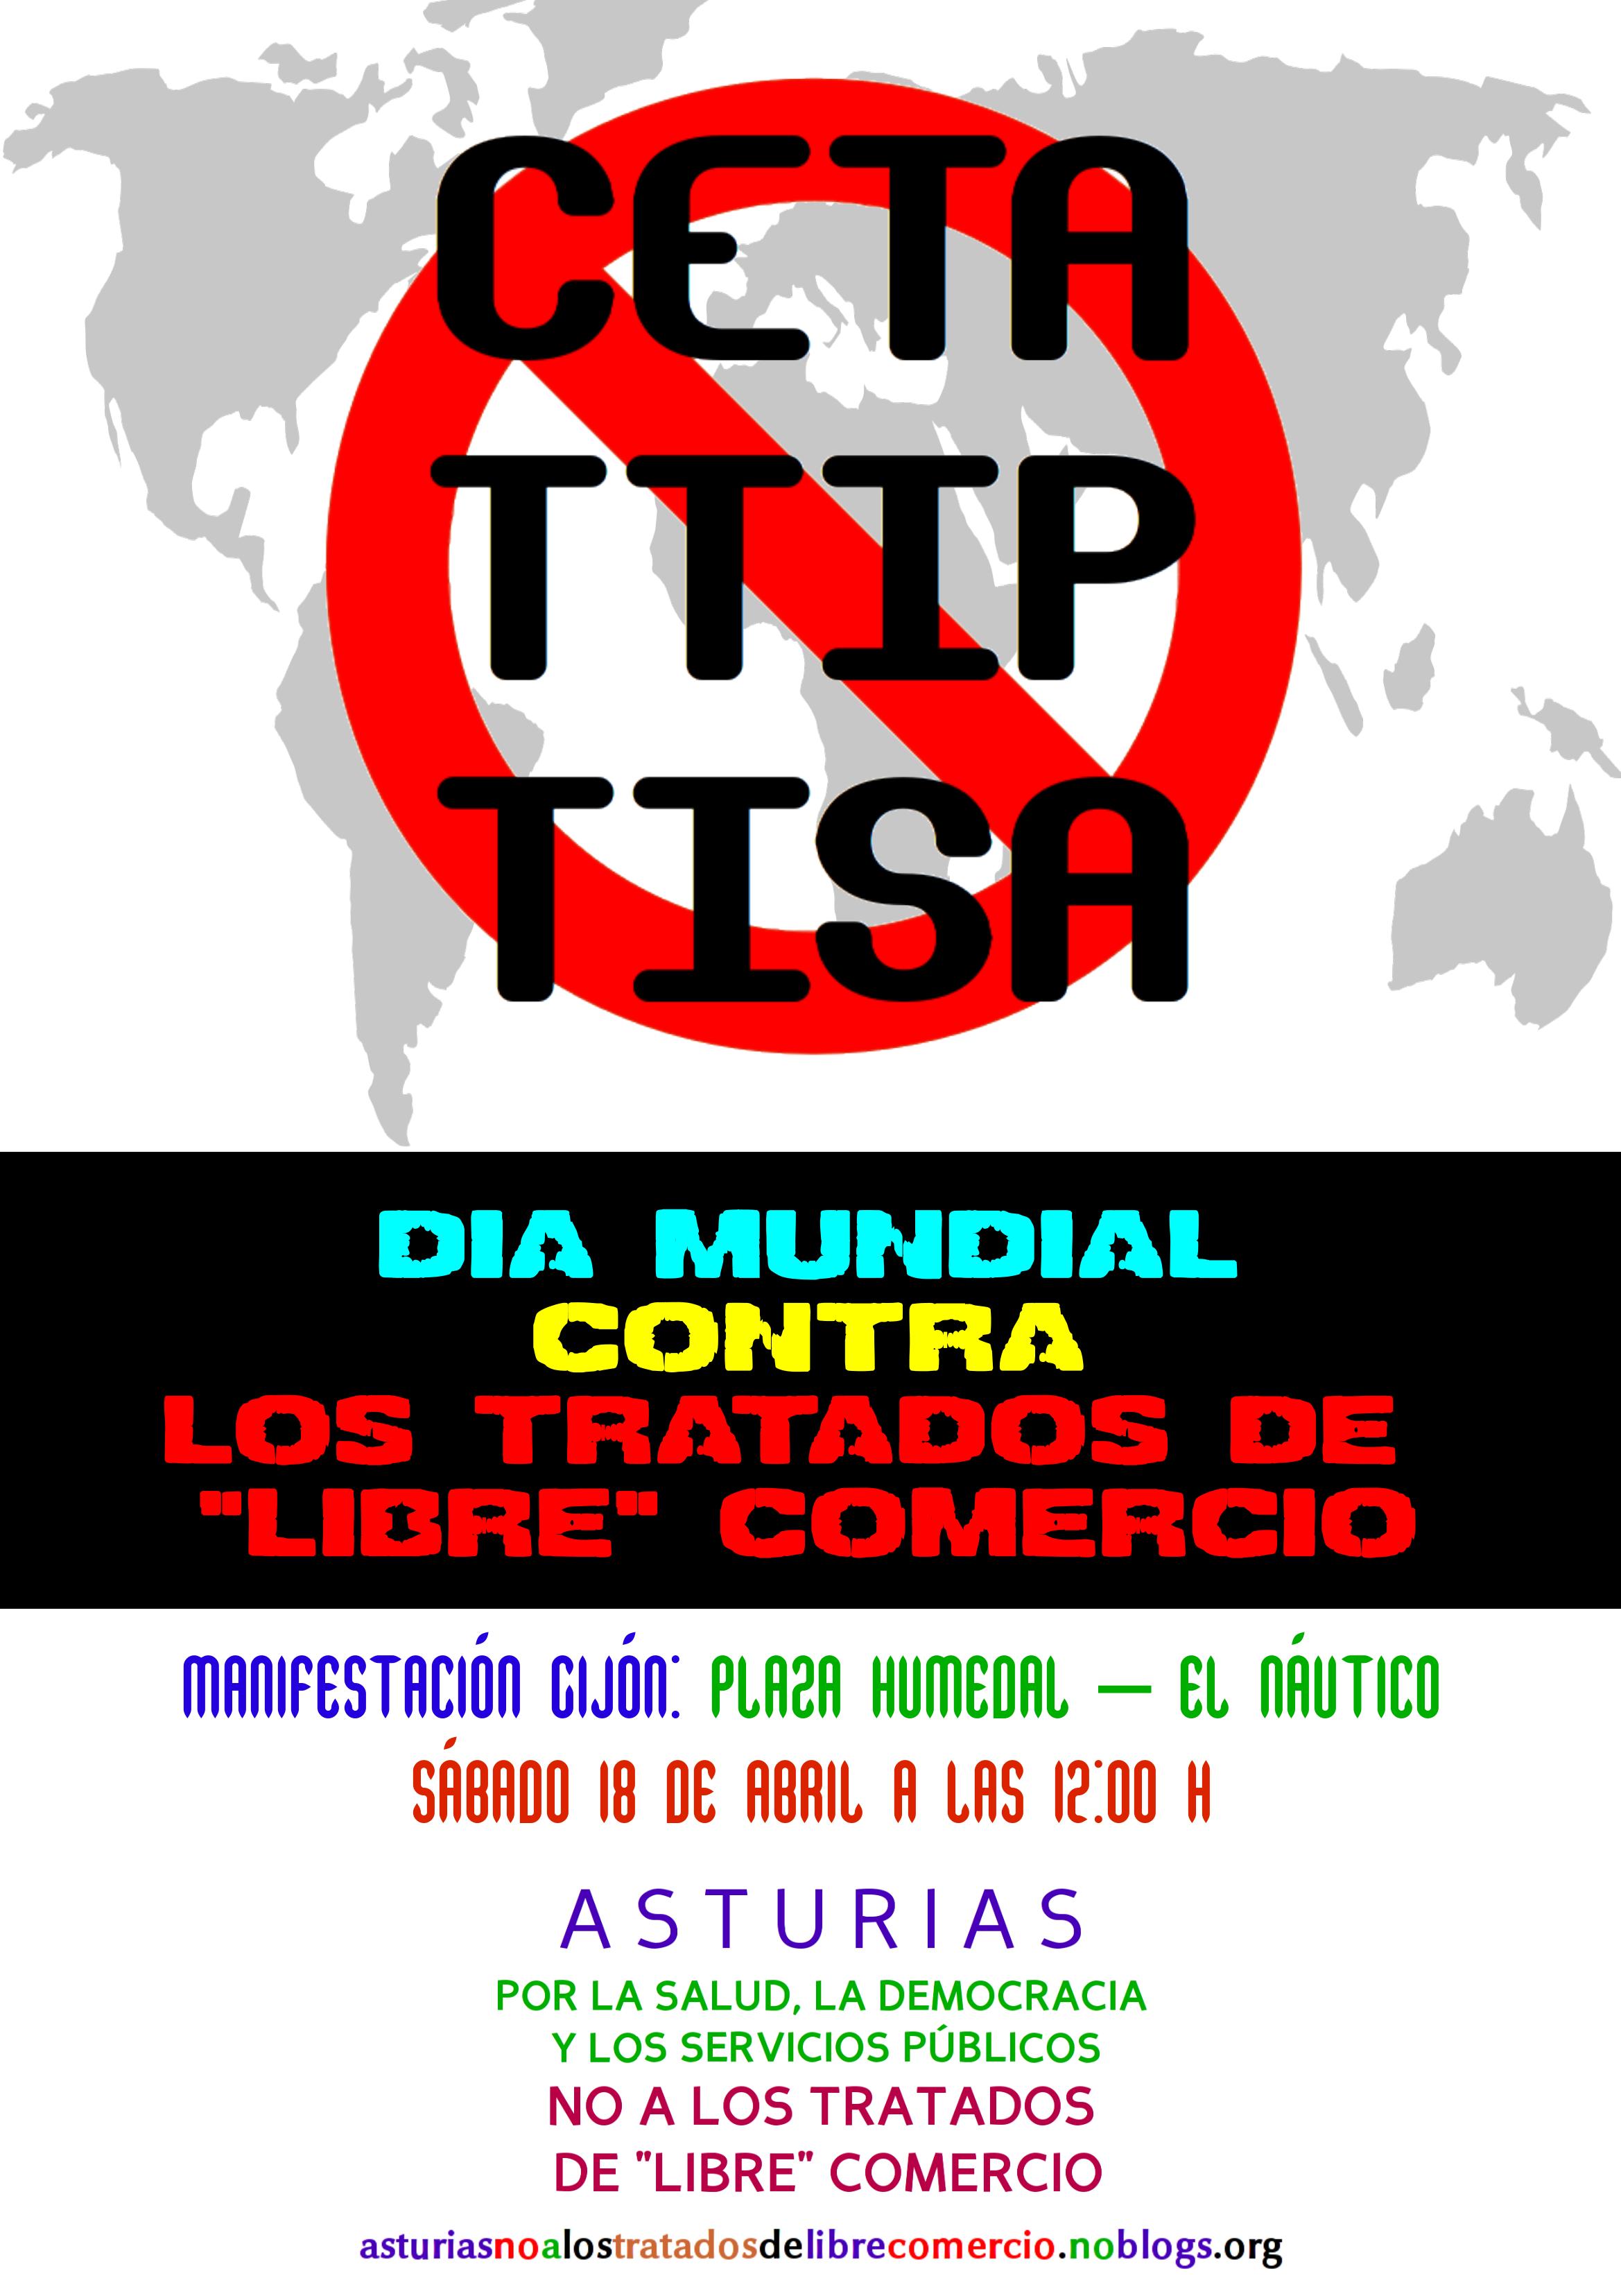 Día Mundial contra los Tratados de Libre Comercio